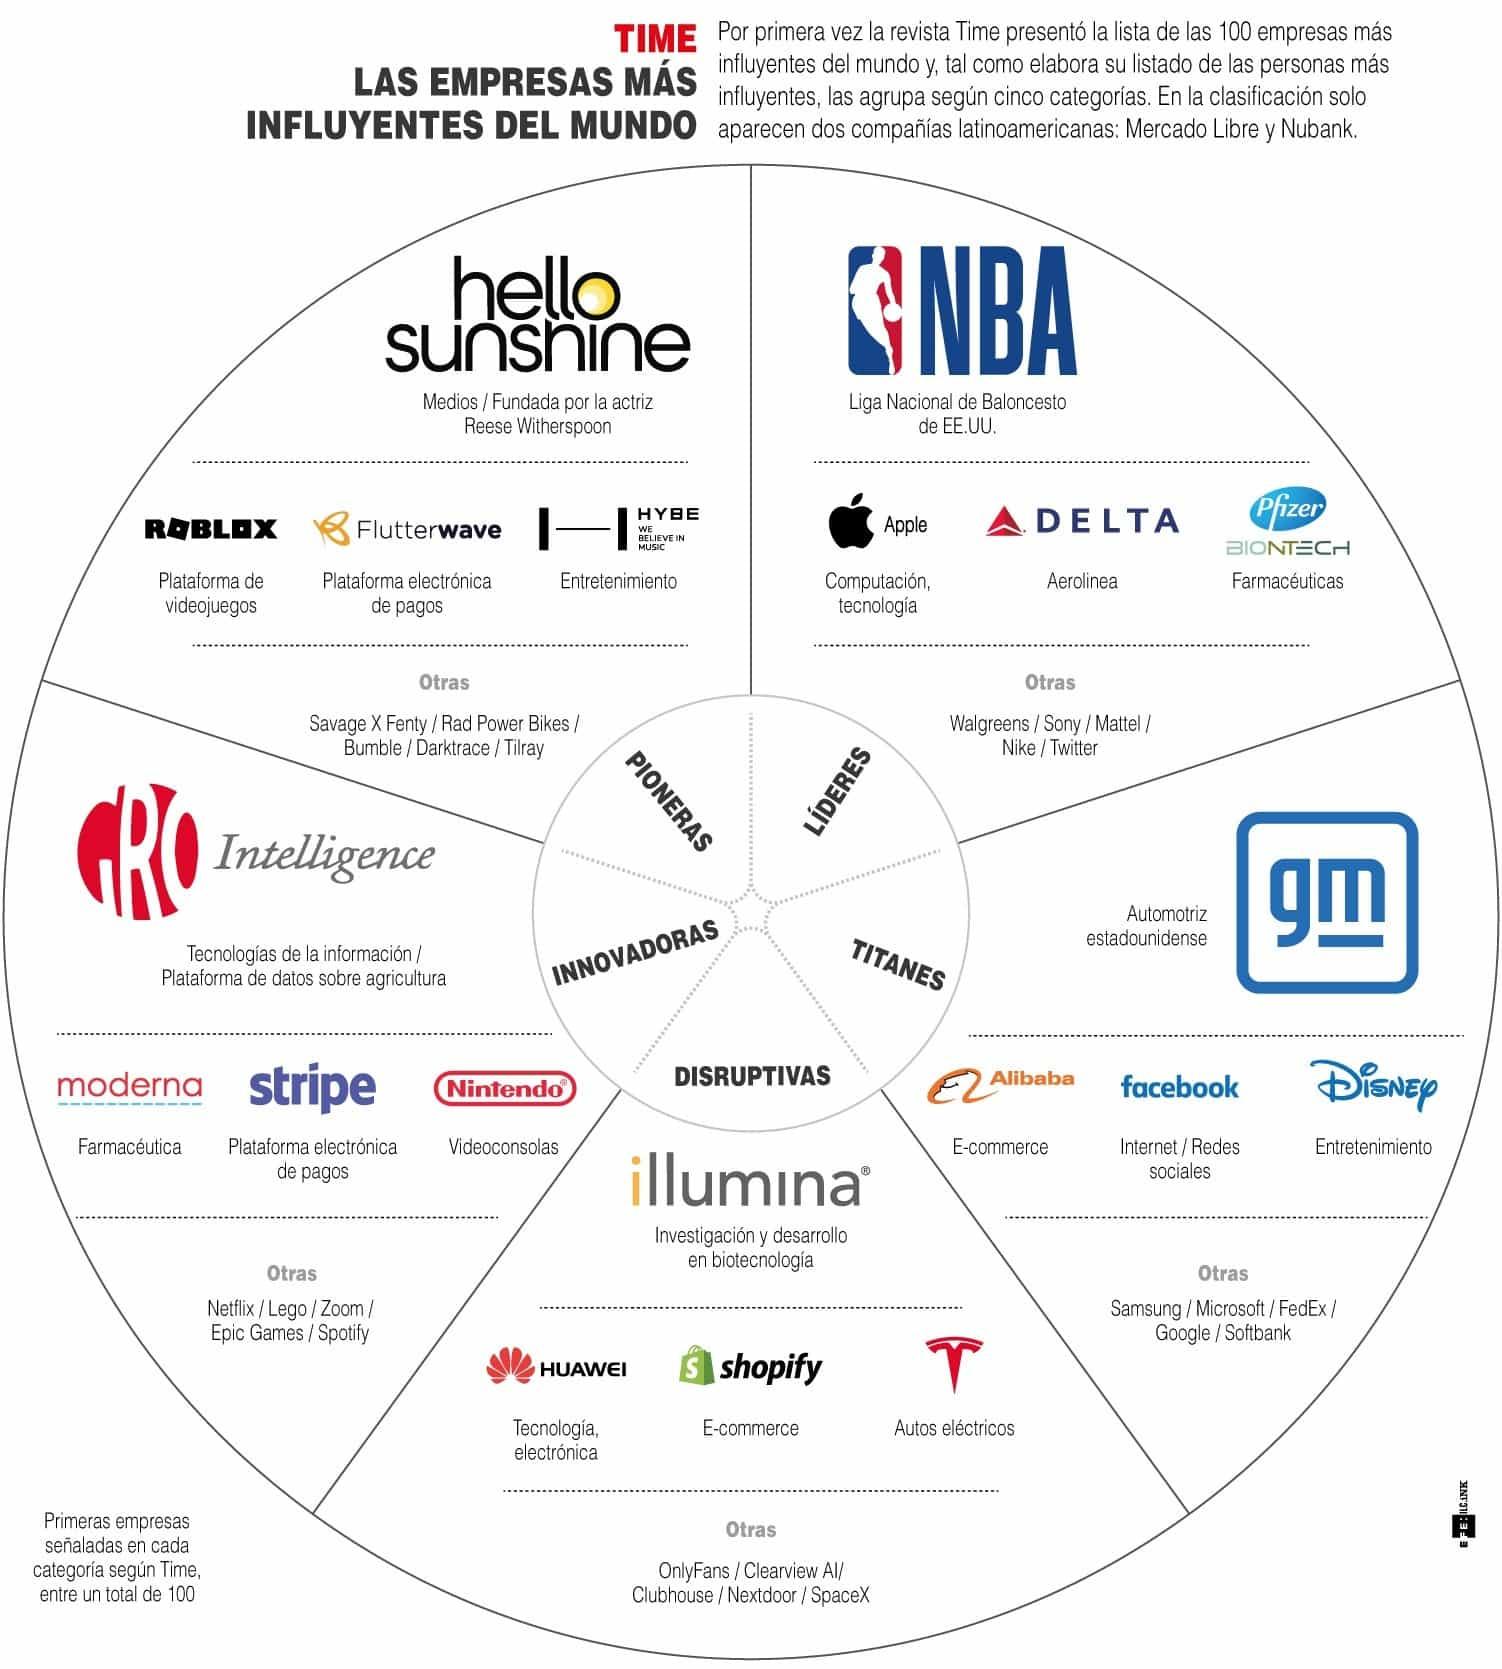 [Infografía] - Las empresas más influyentes del mundo según la Revista Time 1